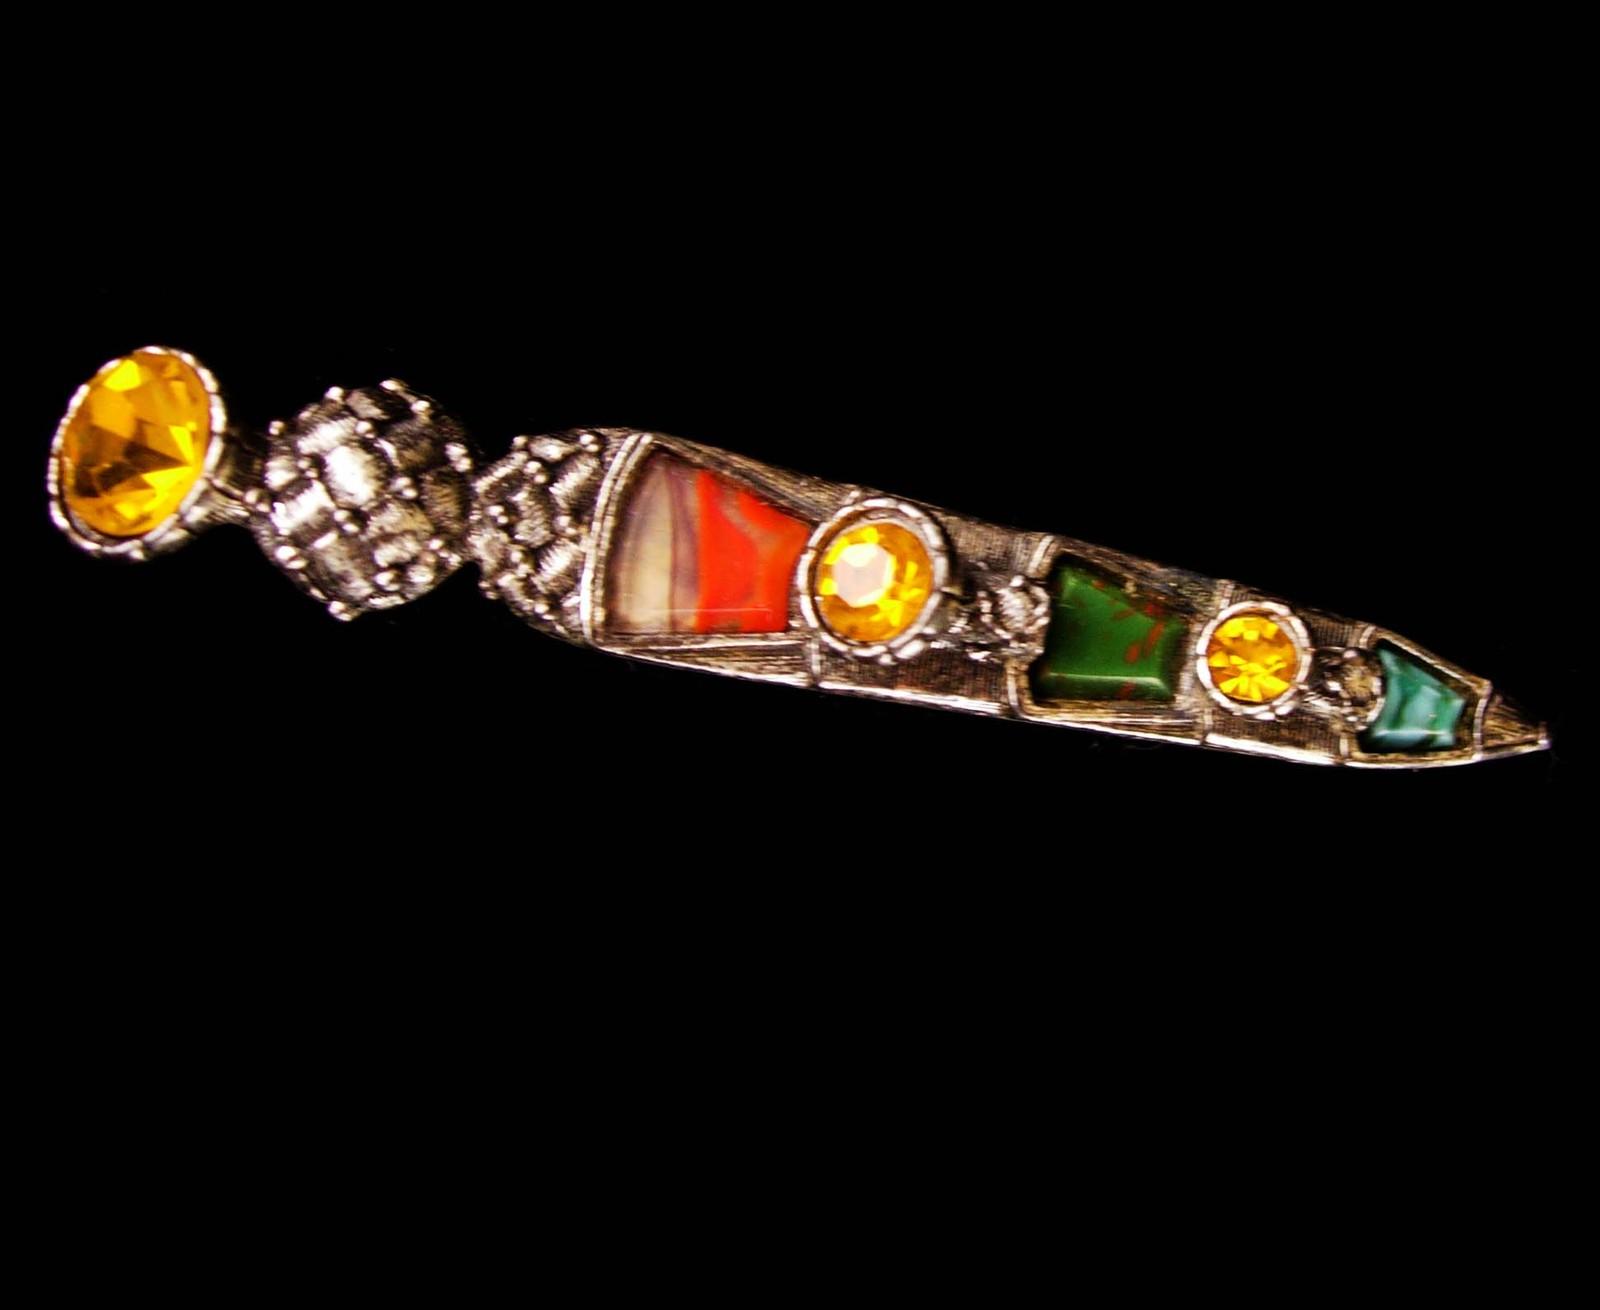 """LARGE Vintage Brooch Scottish Dirk Kilt pin - bloodstone  citrine agate 3 1/2"""" l image 5"""